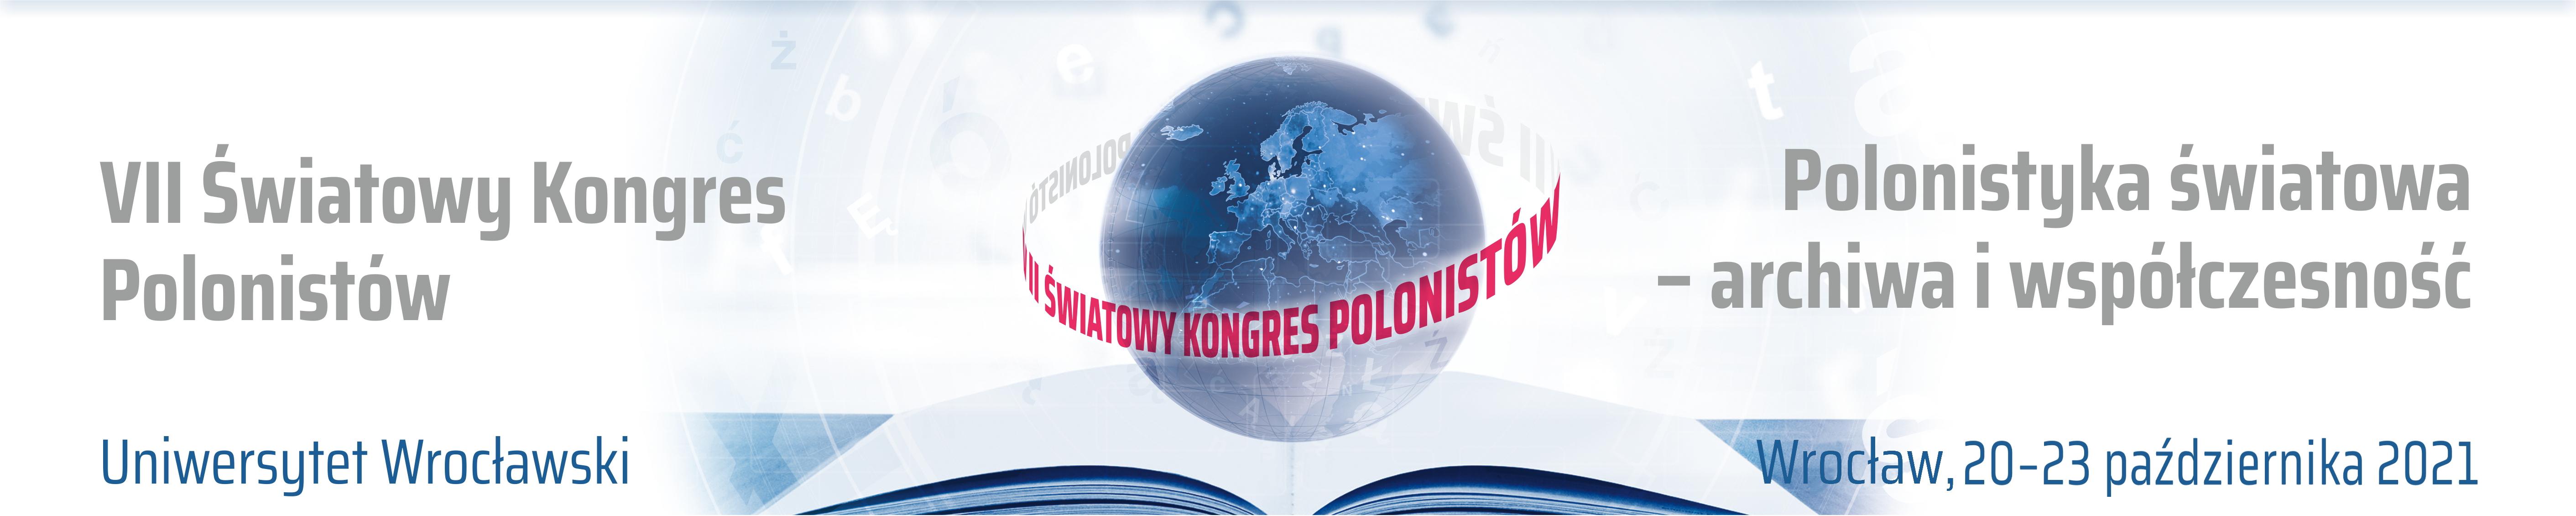 VII Światowy Kongres Polonistów 2021